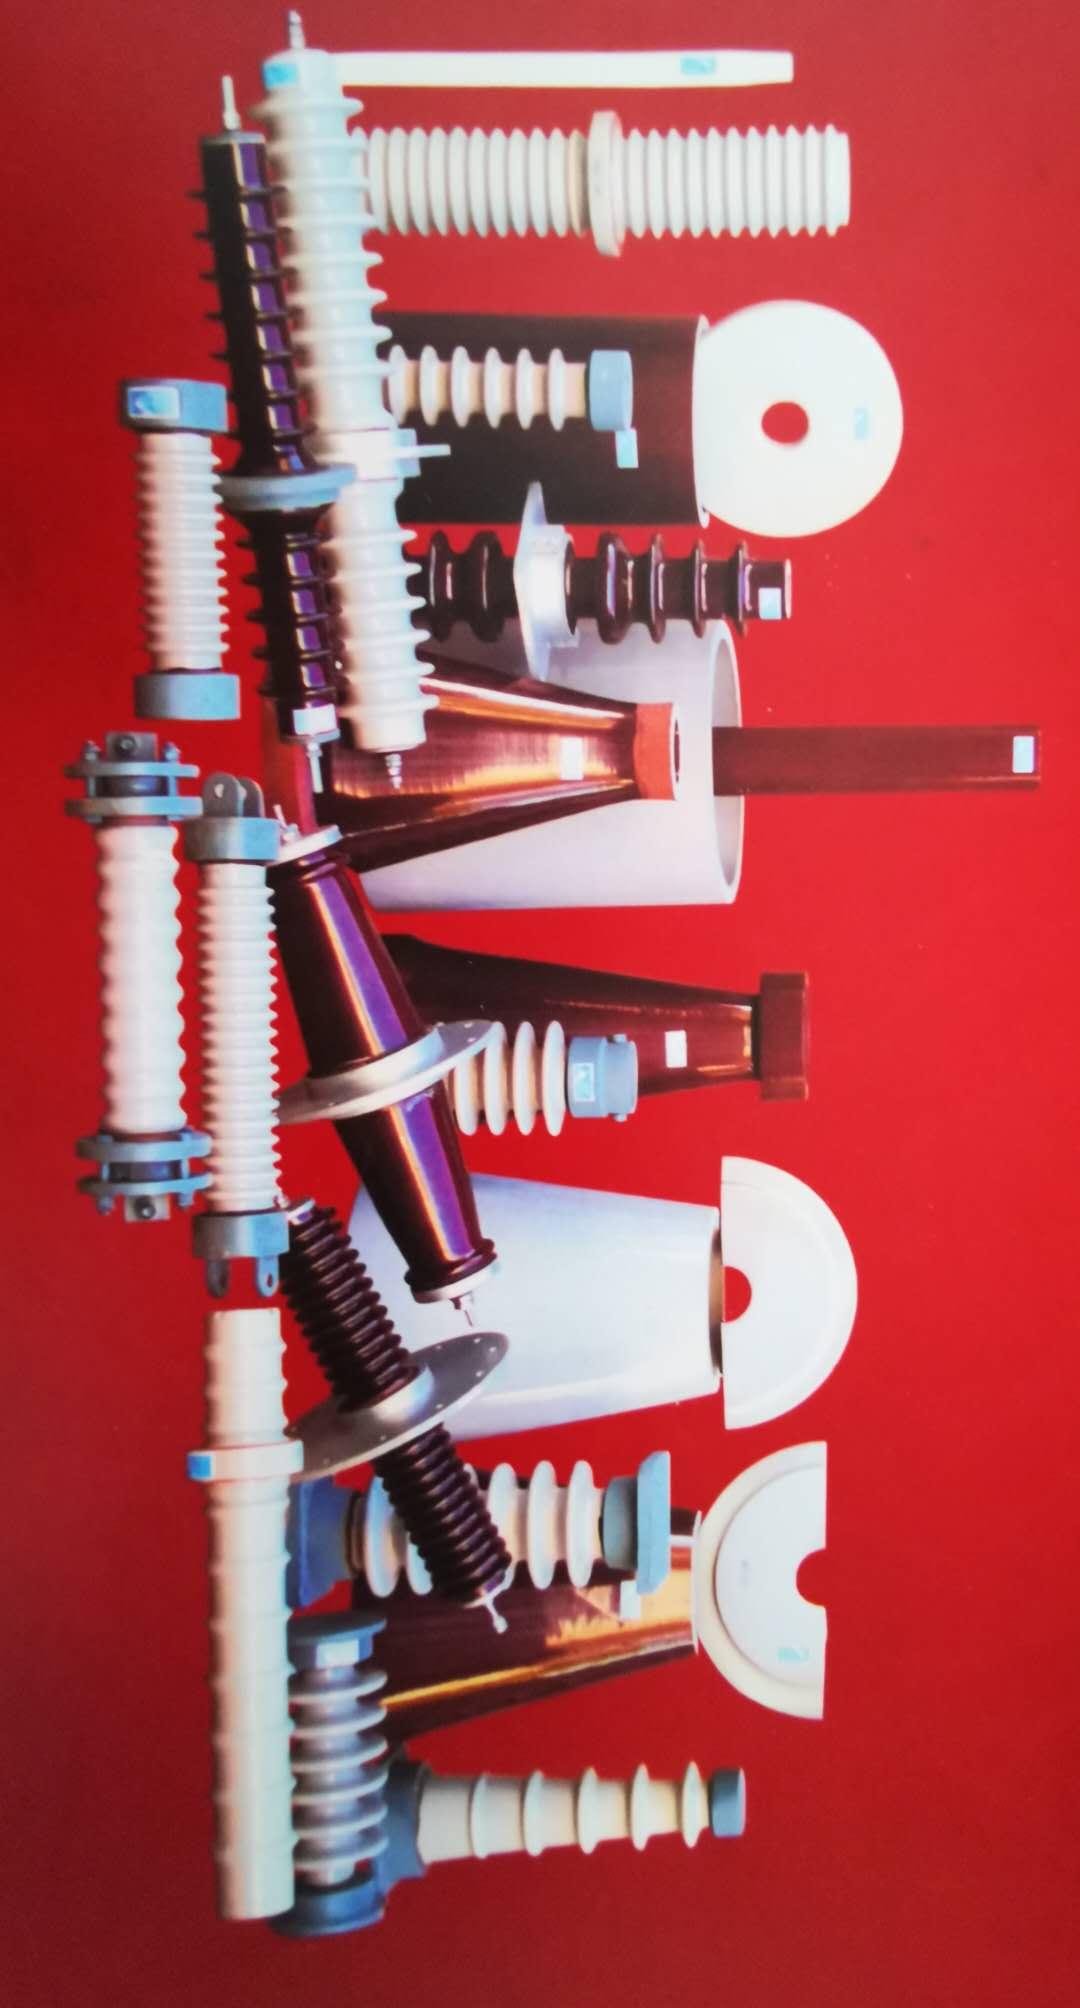 瓷转轴 HYYL-XH2711,640mm*150mm,材质高压电磁白釉,电晕